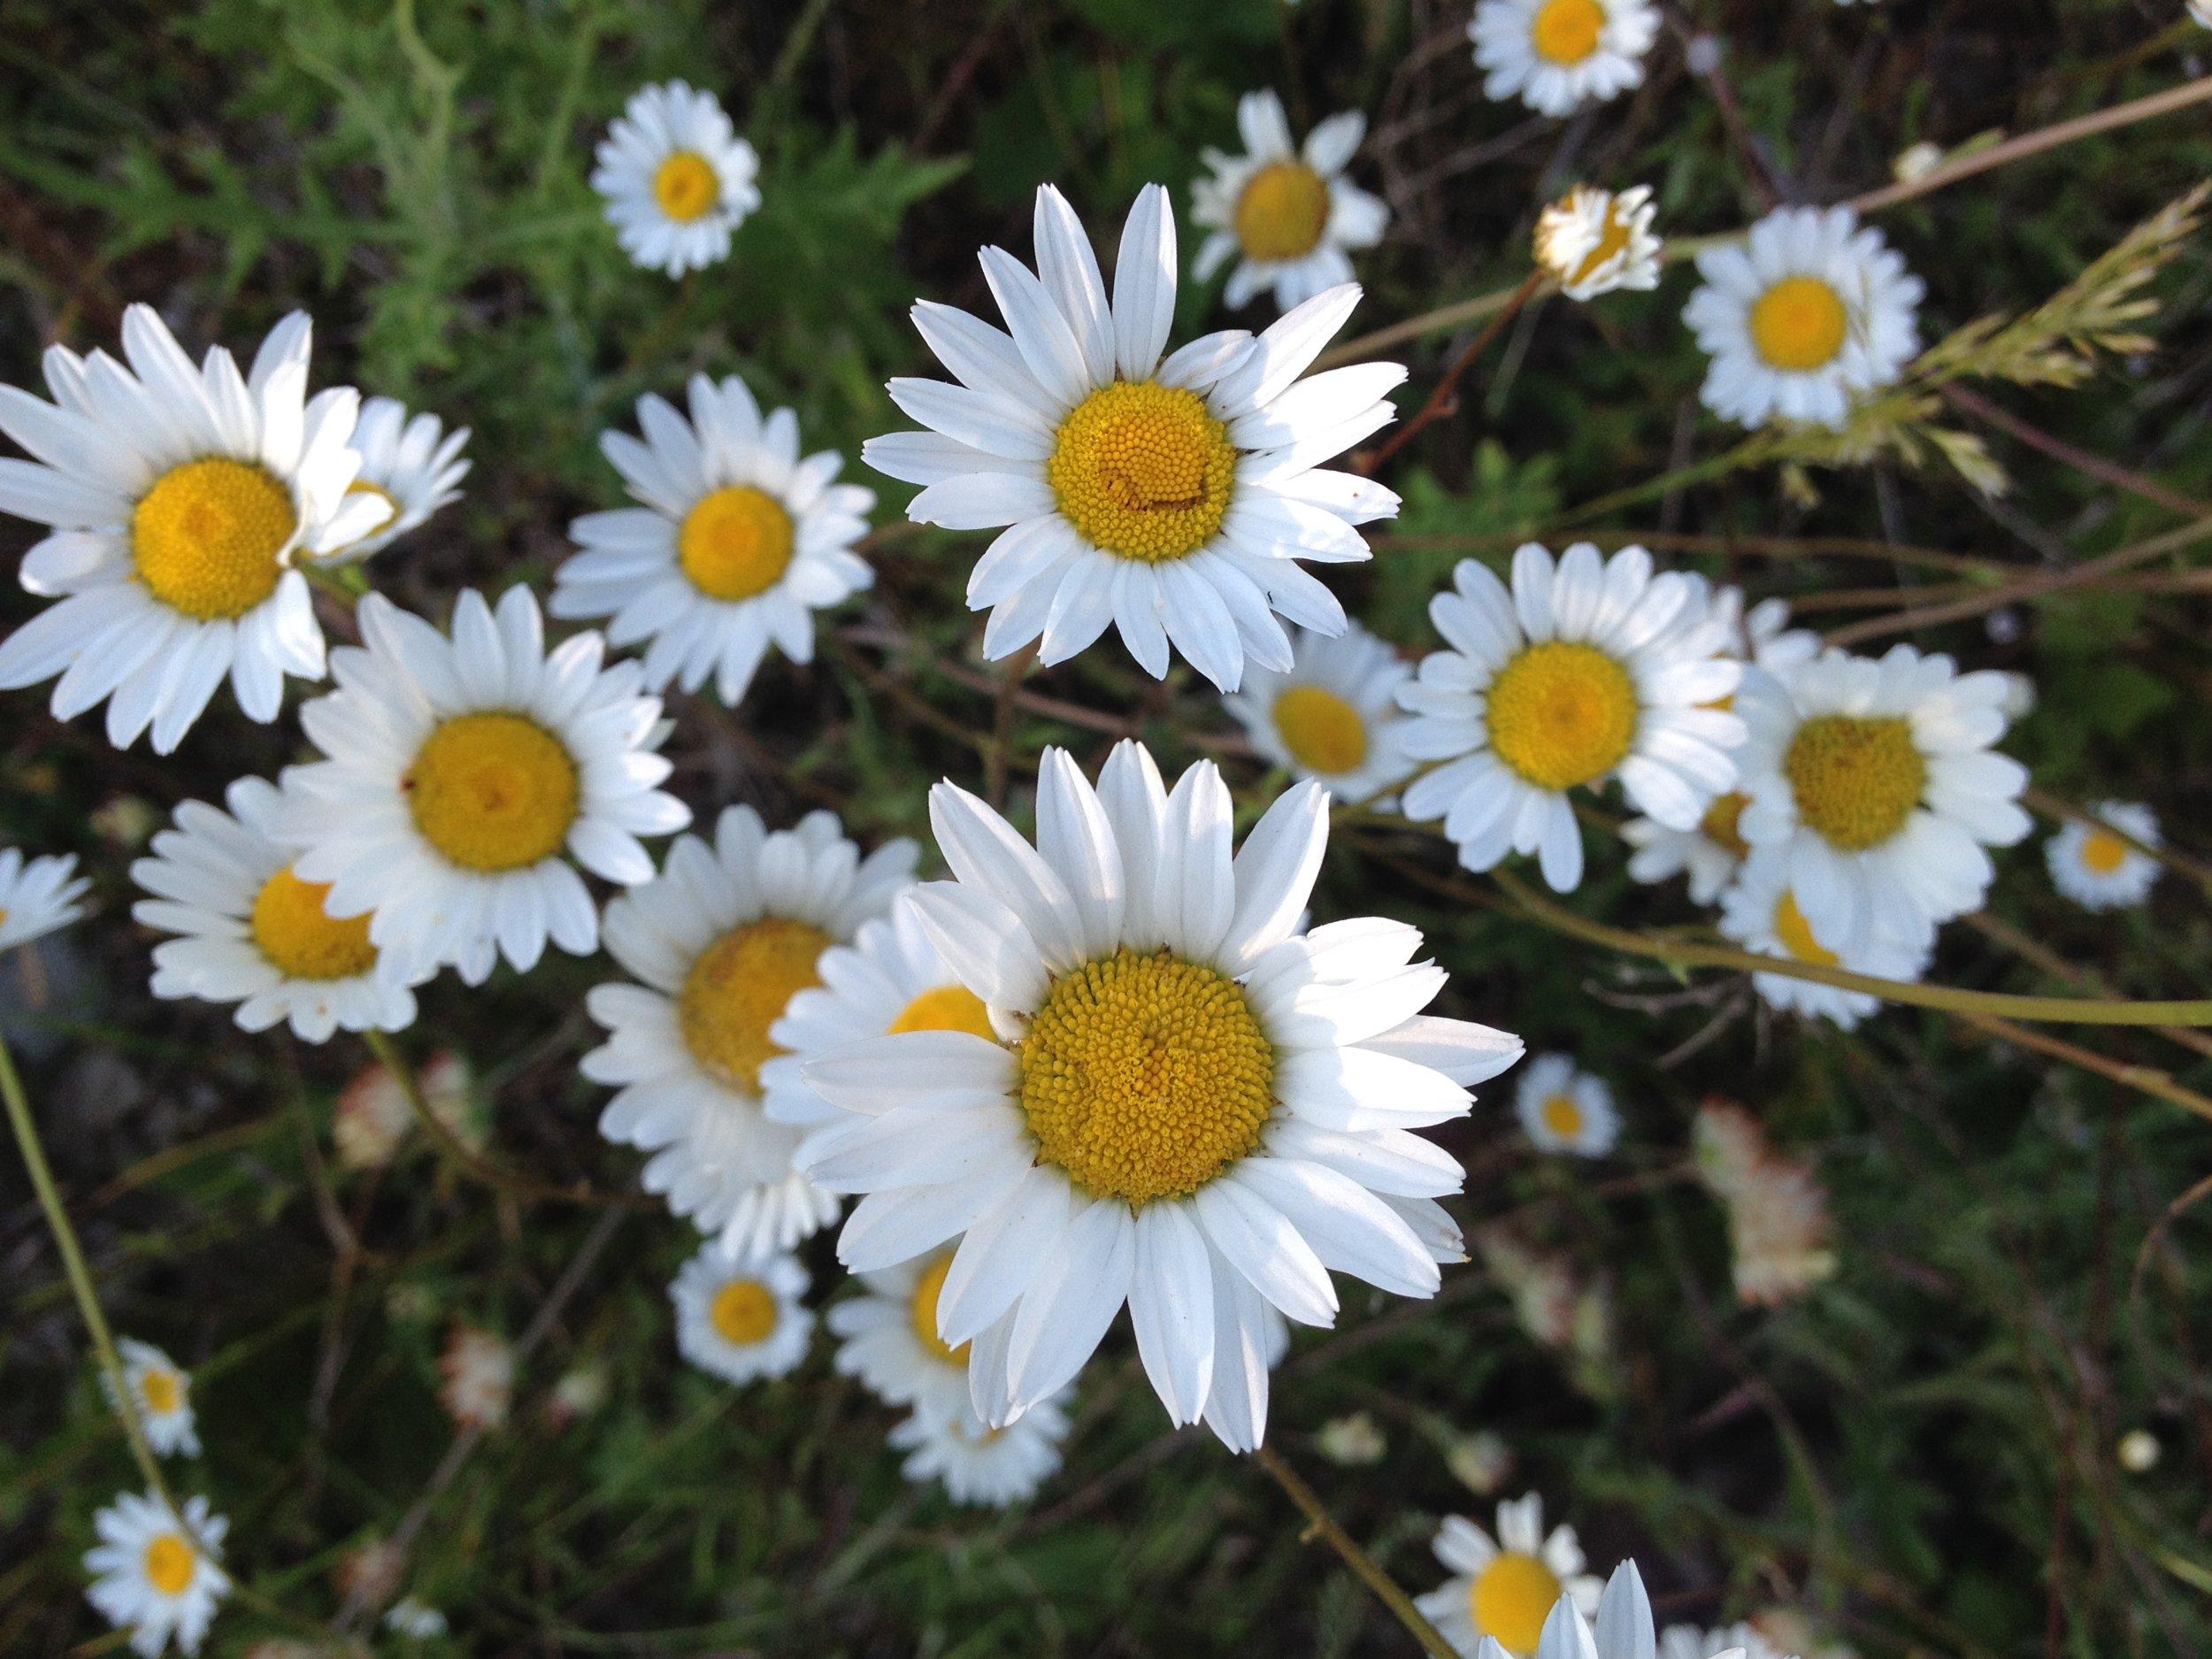 Daisy, Daisy,